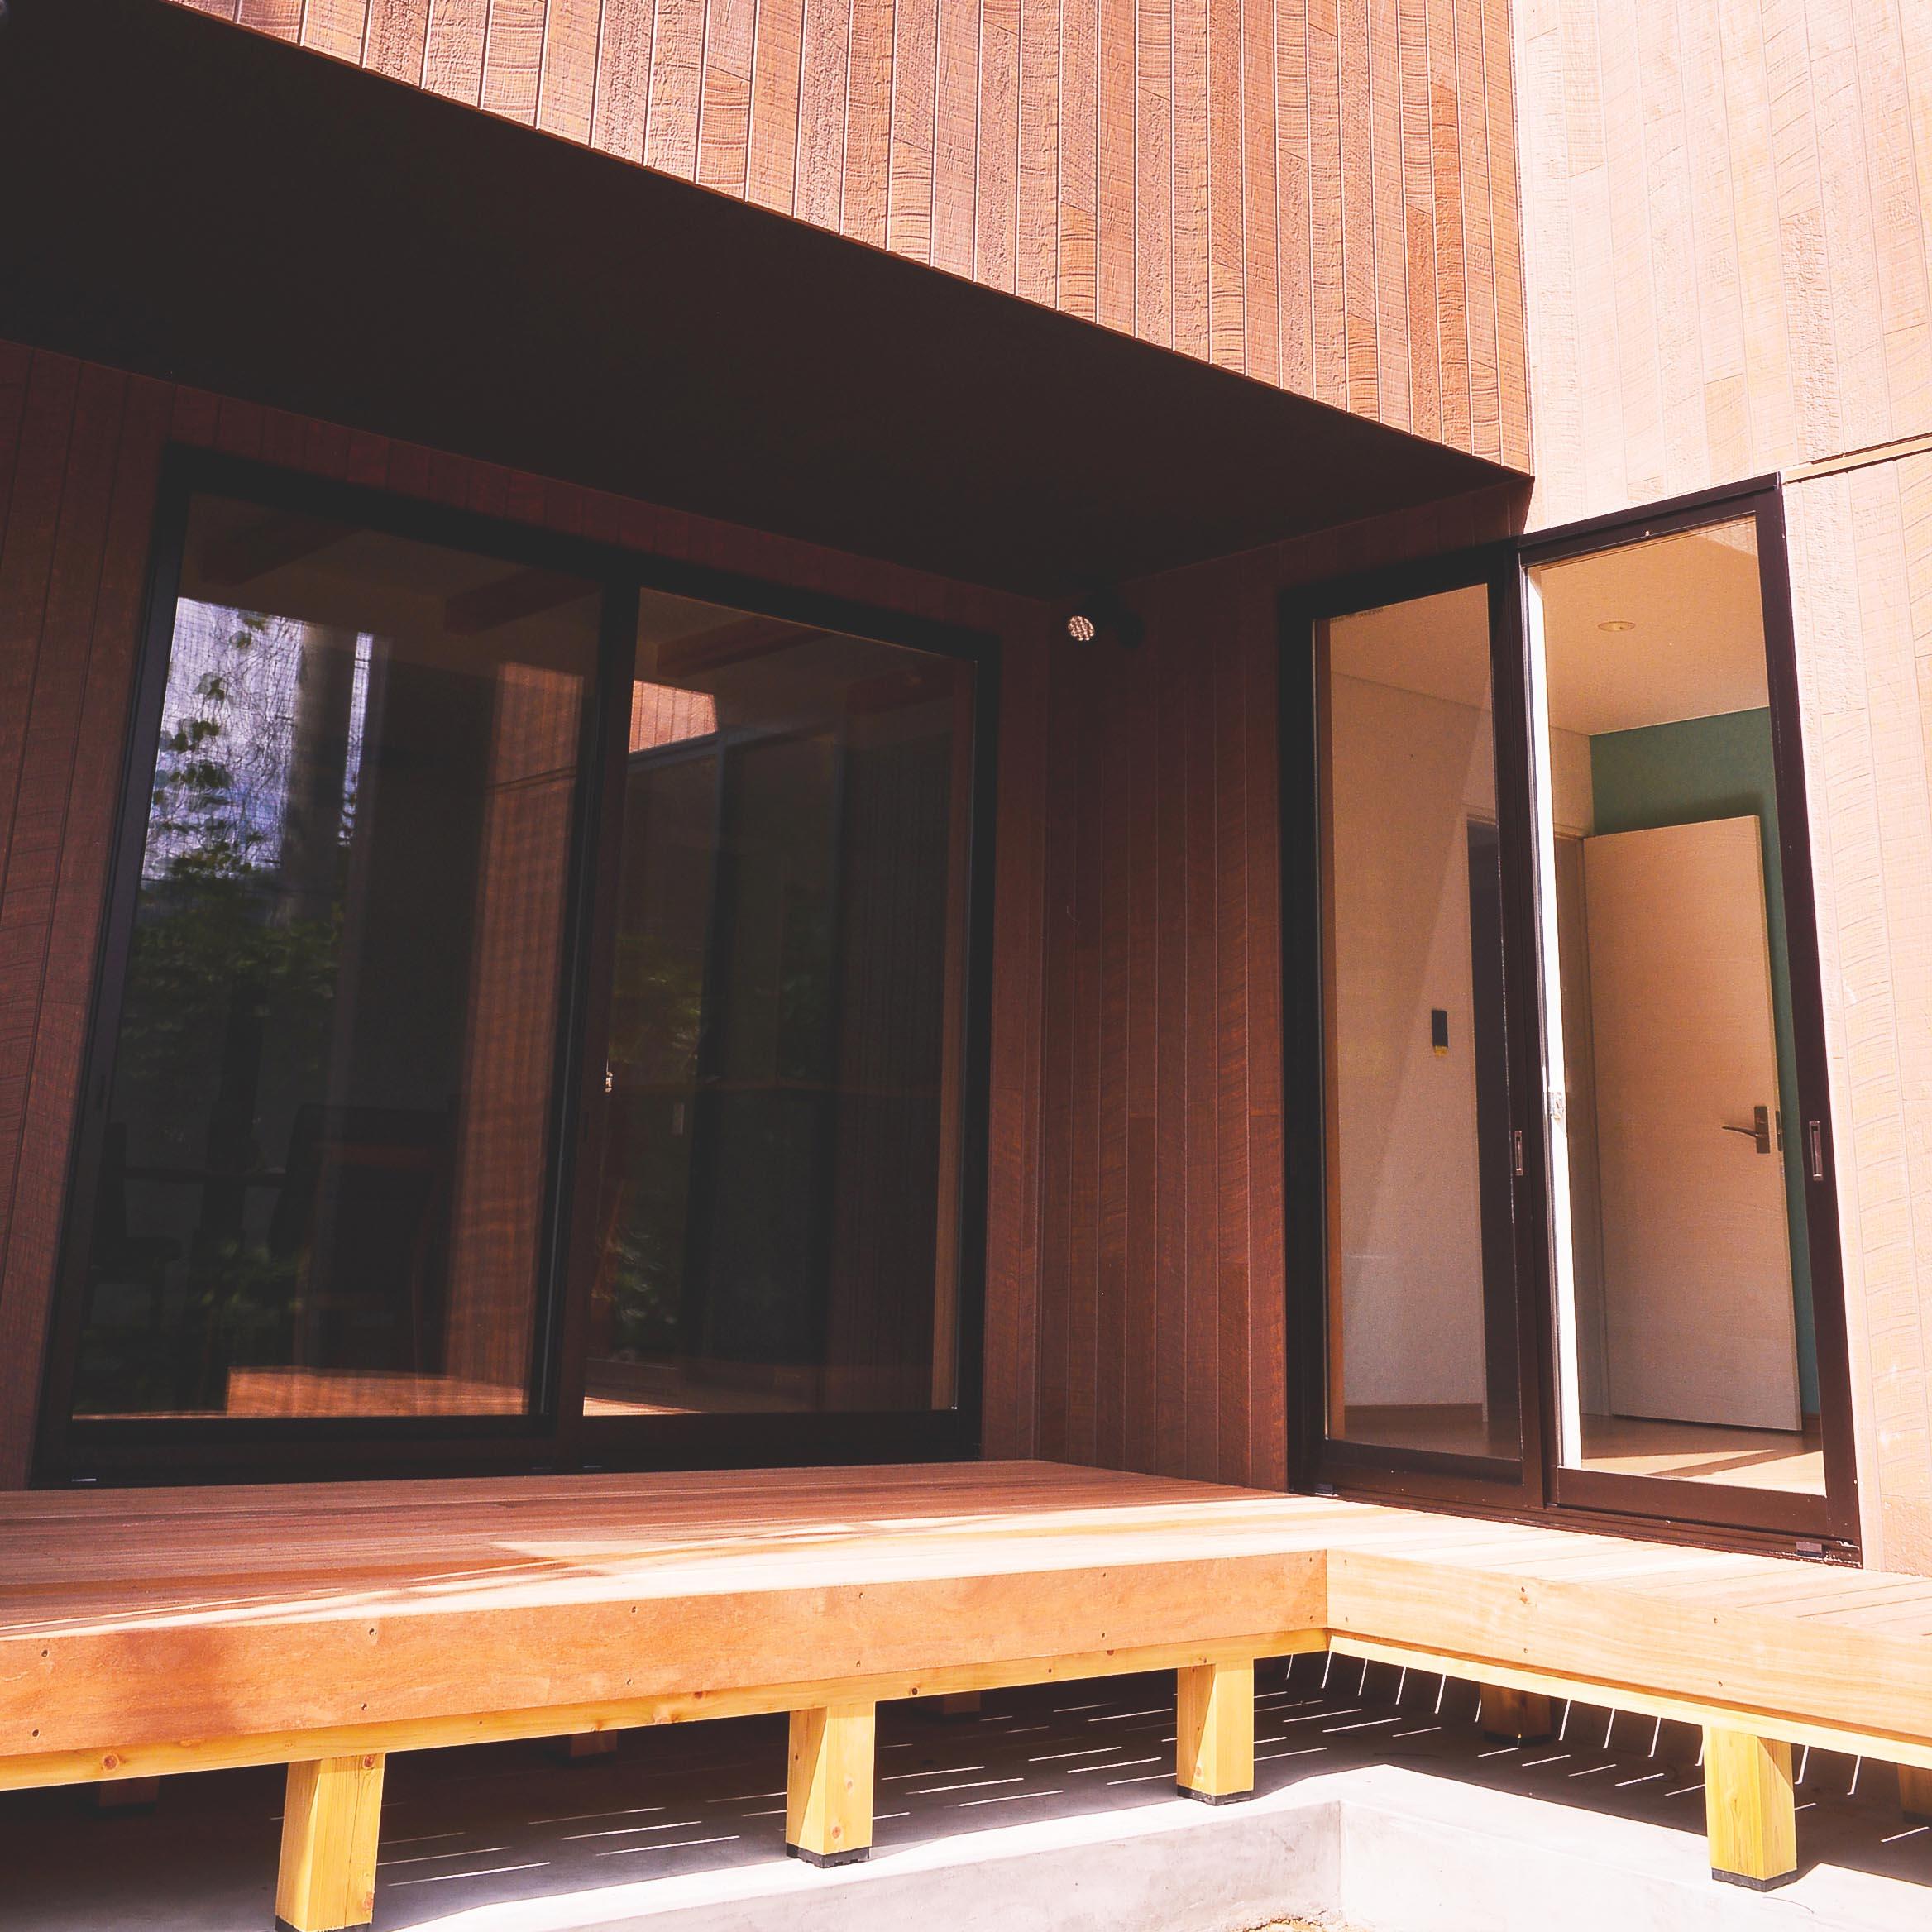 鳥取で建築写真や竣工写真の撮影をするならマジカルフォトワークを紹介する写真-鳥取建築写真-16